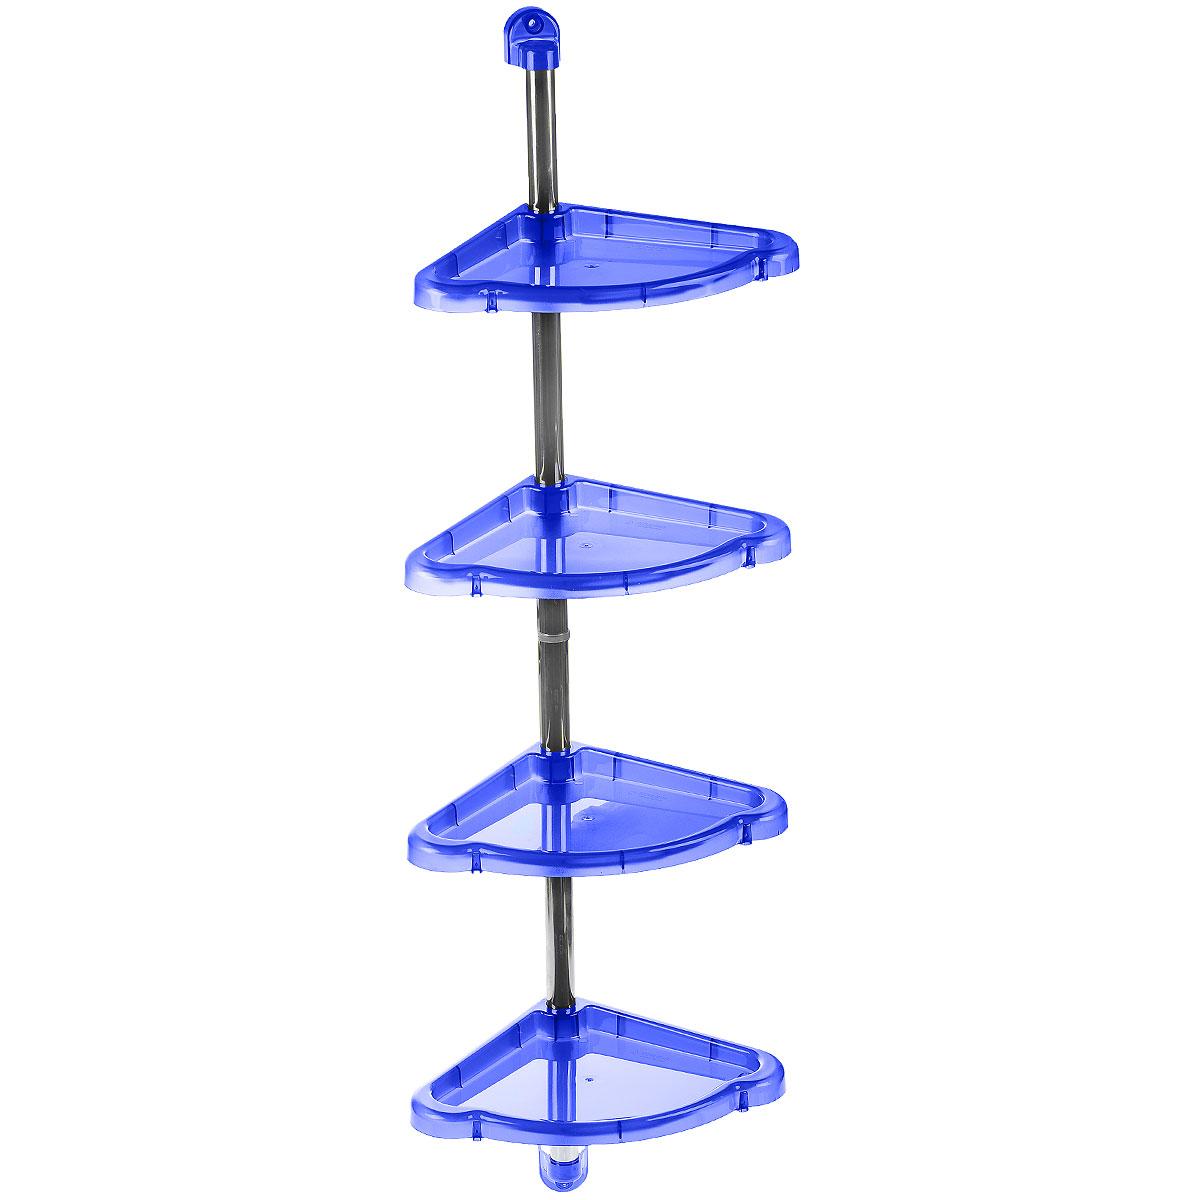 Этажерка угловая Berossi Elancia, 2-4-х ярусная, цвет: синий, 24 х 24 х 98,3 см531-105Угловая этажерка Berossi Elancia выполнена из пластика и металла и предназначена для хранения различных предметов в ванной. Этажерка легко собирается и разбирается. Можно собрать как двухъярусную, так и четырехъярусную этажерку. У каждой полки по переферии есть небольшие отверстия, предназначенные для стекания воды. Этажерка придется особенно кстати, если у вас небольшая ванная: она займет минимум пространства. Размер 4-х ярусной этажерки (ДхШхВ): 24 см х 24 см х 98,3 см. Размер 2-х ярусной этажерки (ДхШхВ): 24 см х 24 см х 53,6 см.